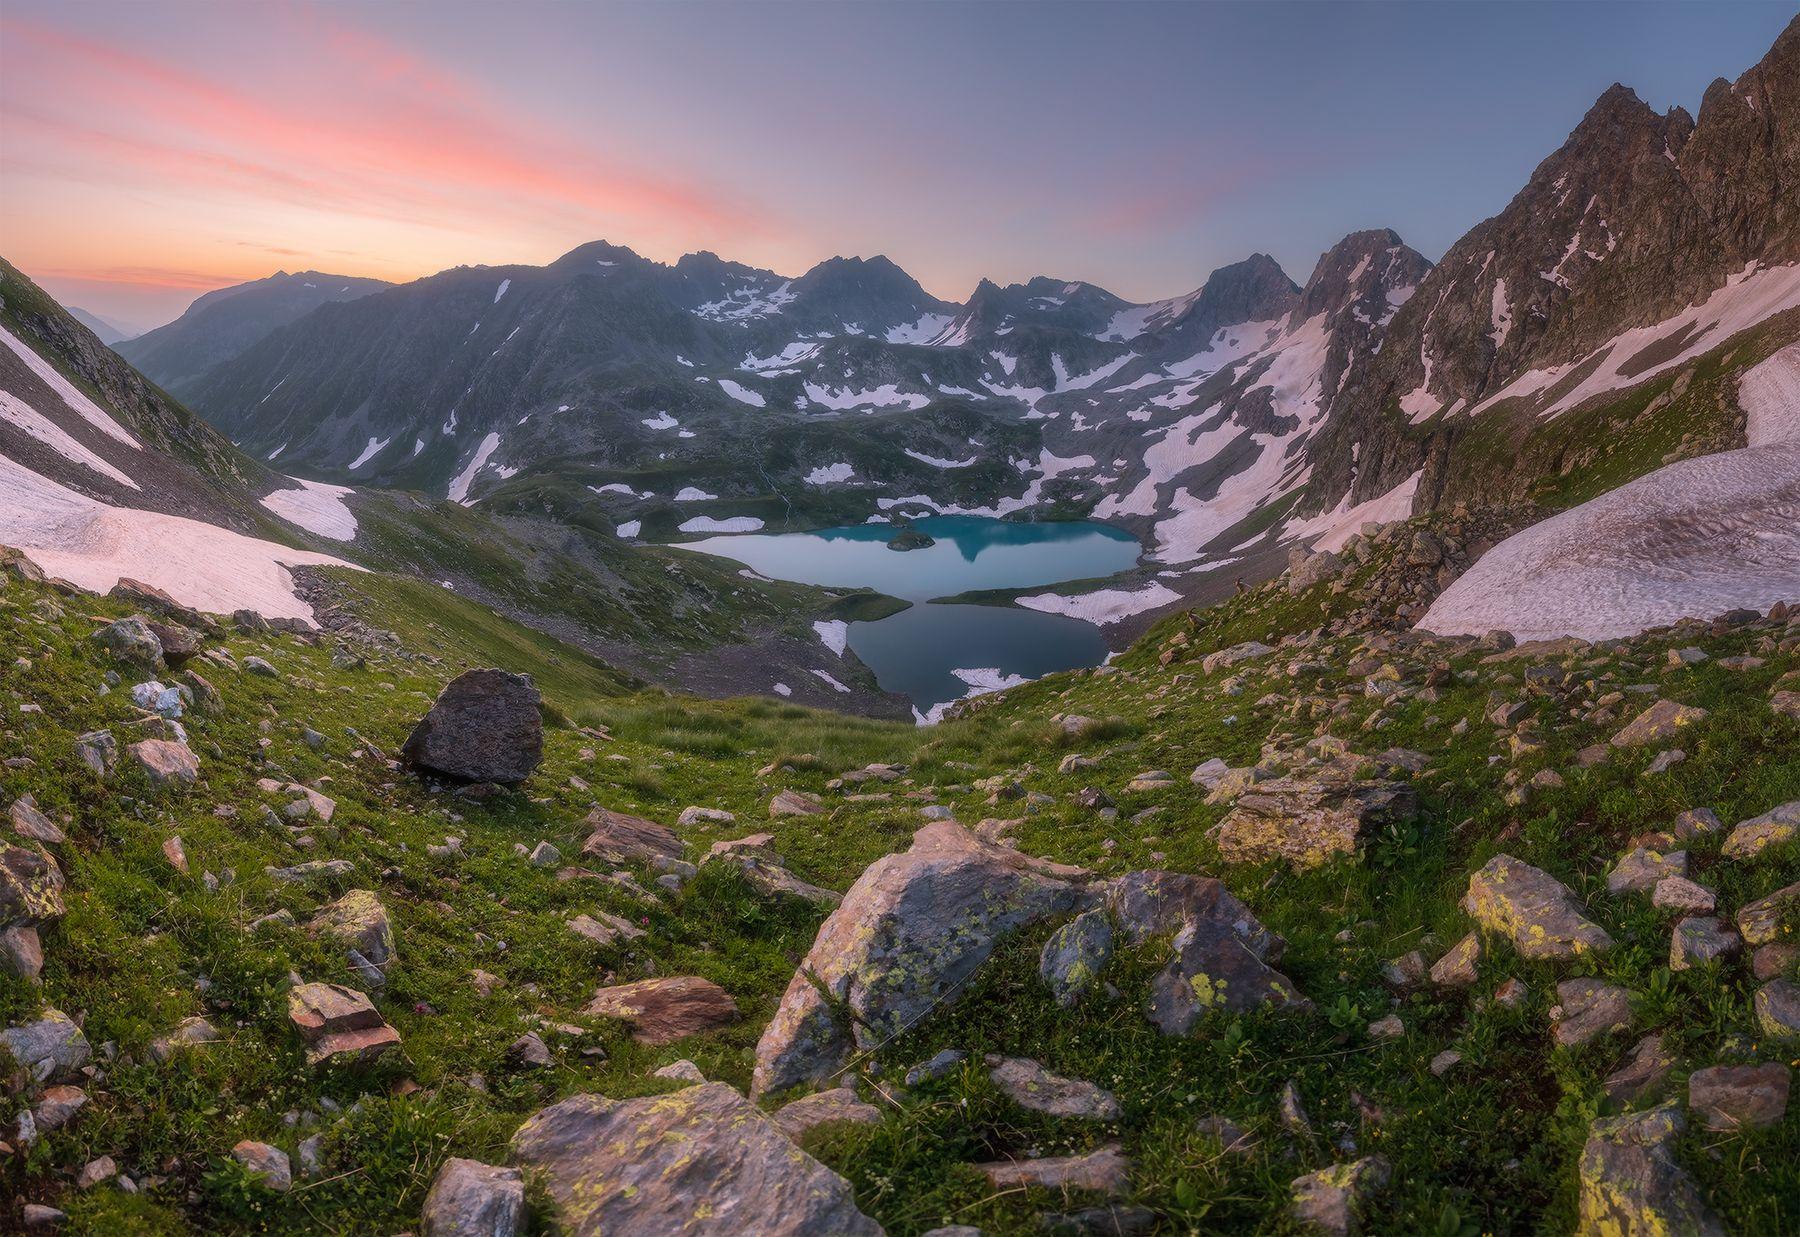 Имеретинский узел Западный кавказ озеро безмолвия имеретинский узел рассвет июль туры